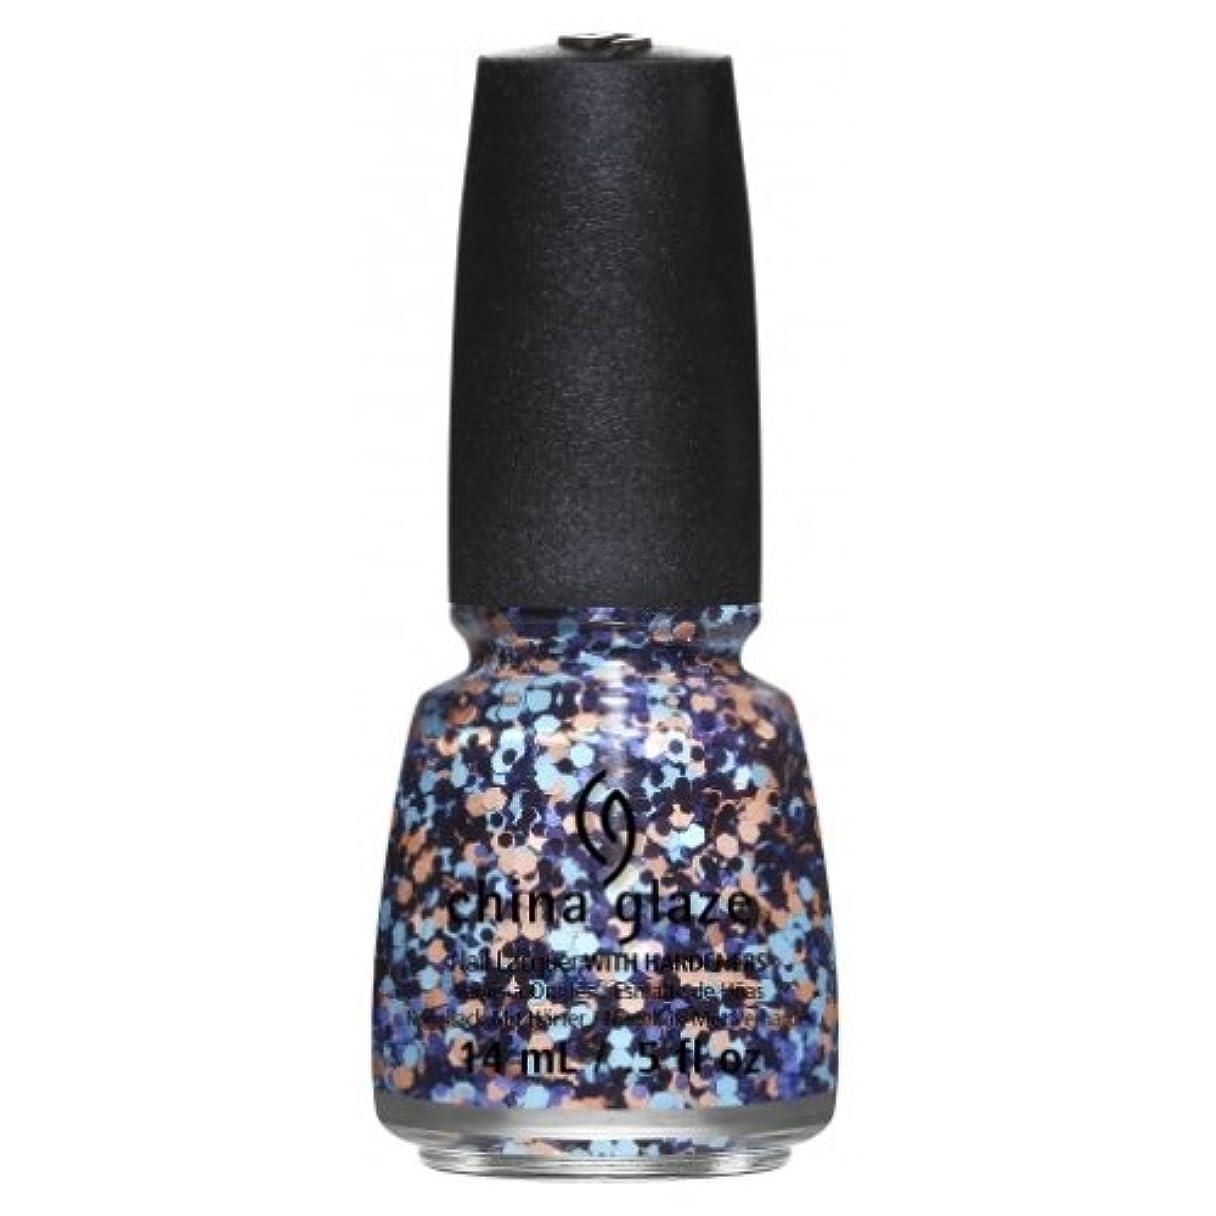 展示会ズーム満了(6 Pack) CHINA GLAZE Nail Lacquer - Suprise Collection - Glitter Up (並行輸入品)